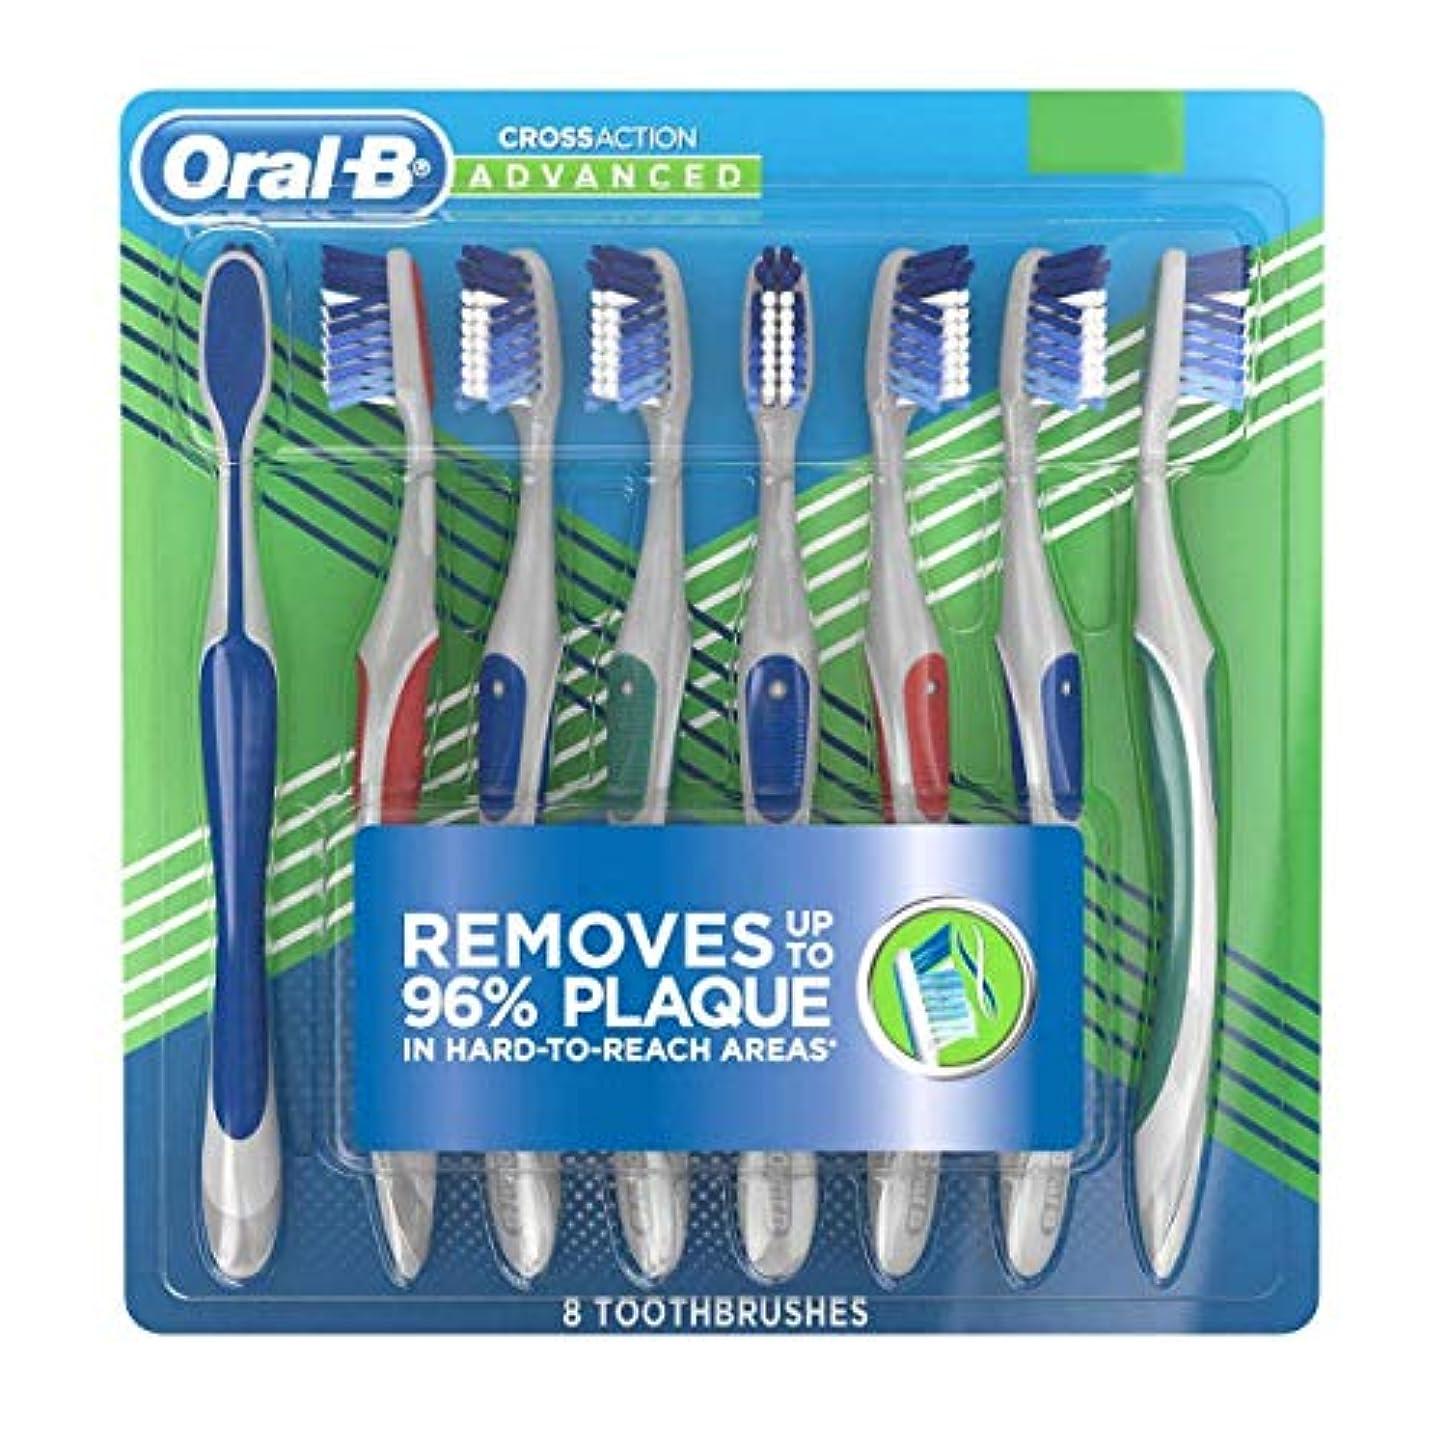 退屈なリンス推測するOral-B Pro-Health Cross Action Advanced Toothbrush 8-pack SOFT オーラルB プロヘルス クロスアクション アドバンスド 歯ブラシ8本セット(ソフトタイプ)